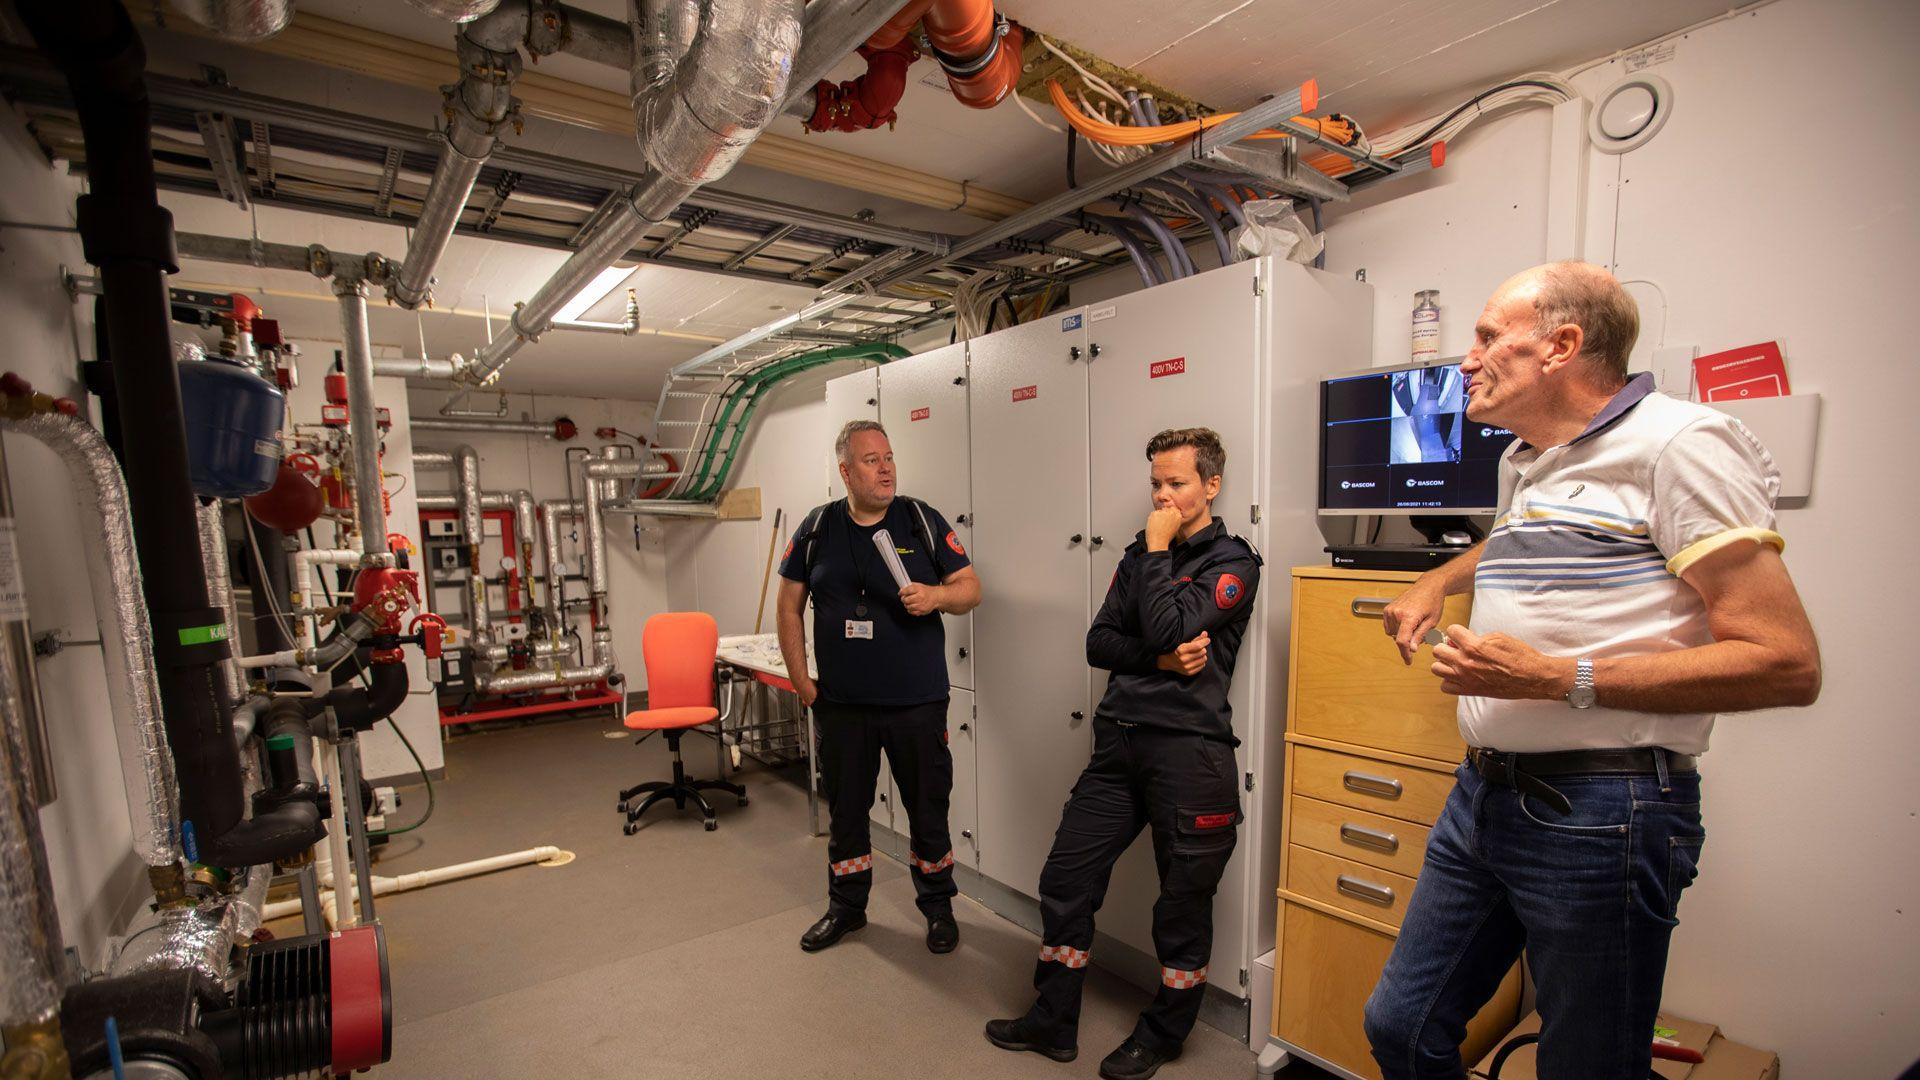 Brannvesenet på inspeksjon i teknisk rom